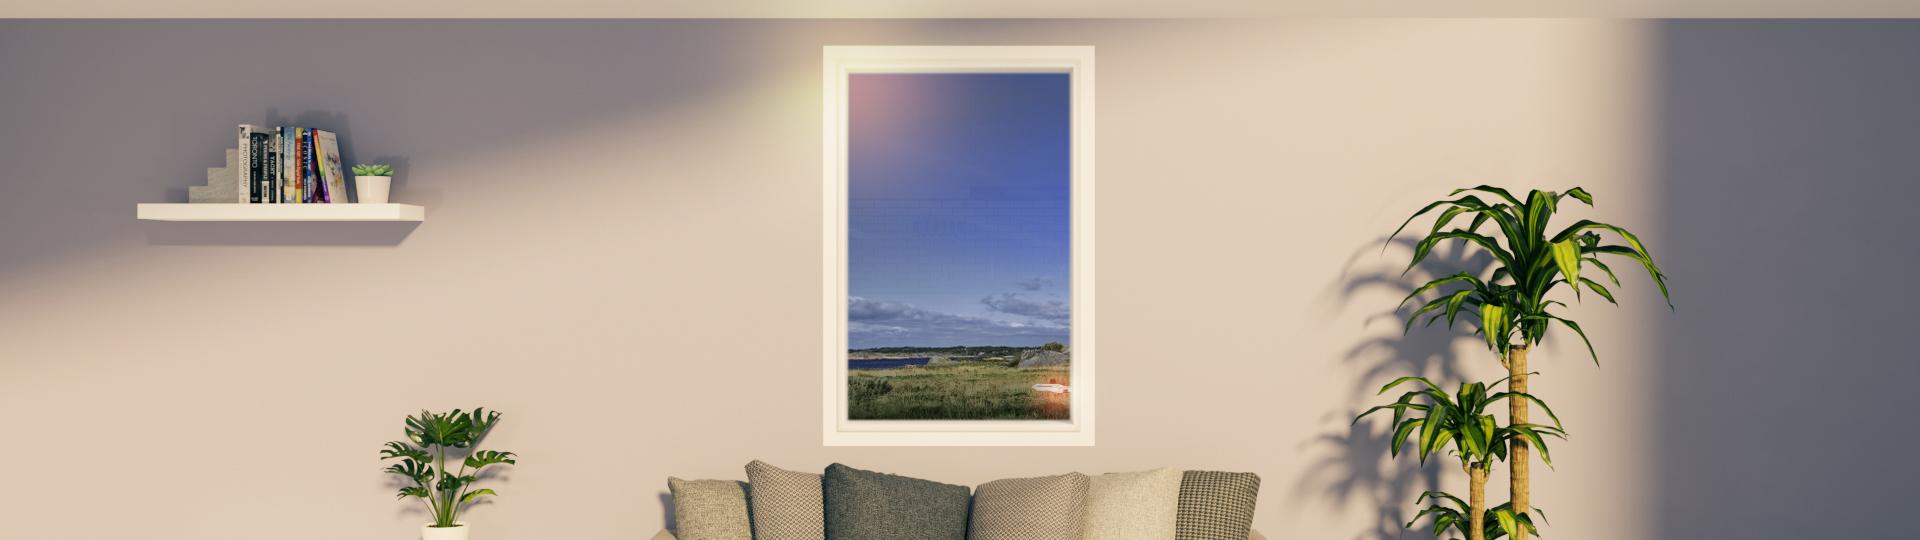 Bilde av stue med vindu i fokus